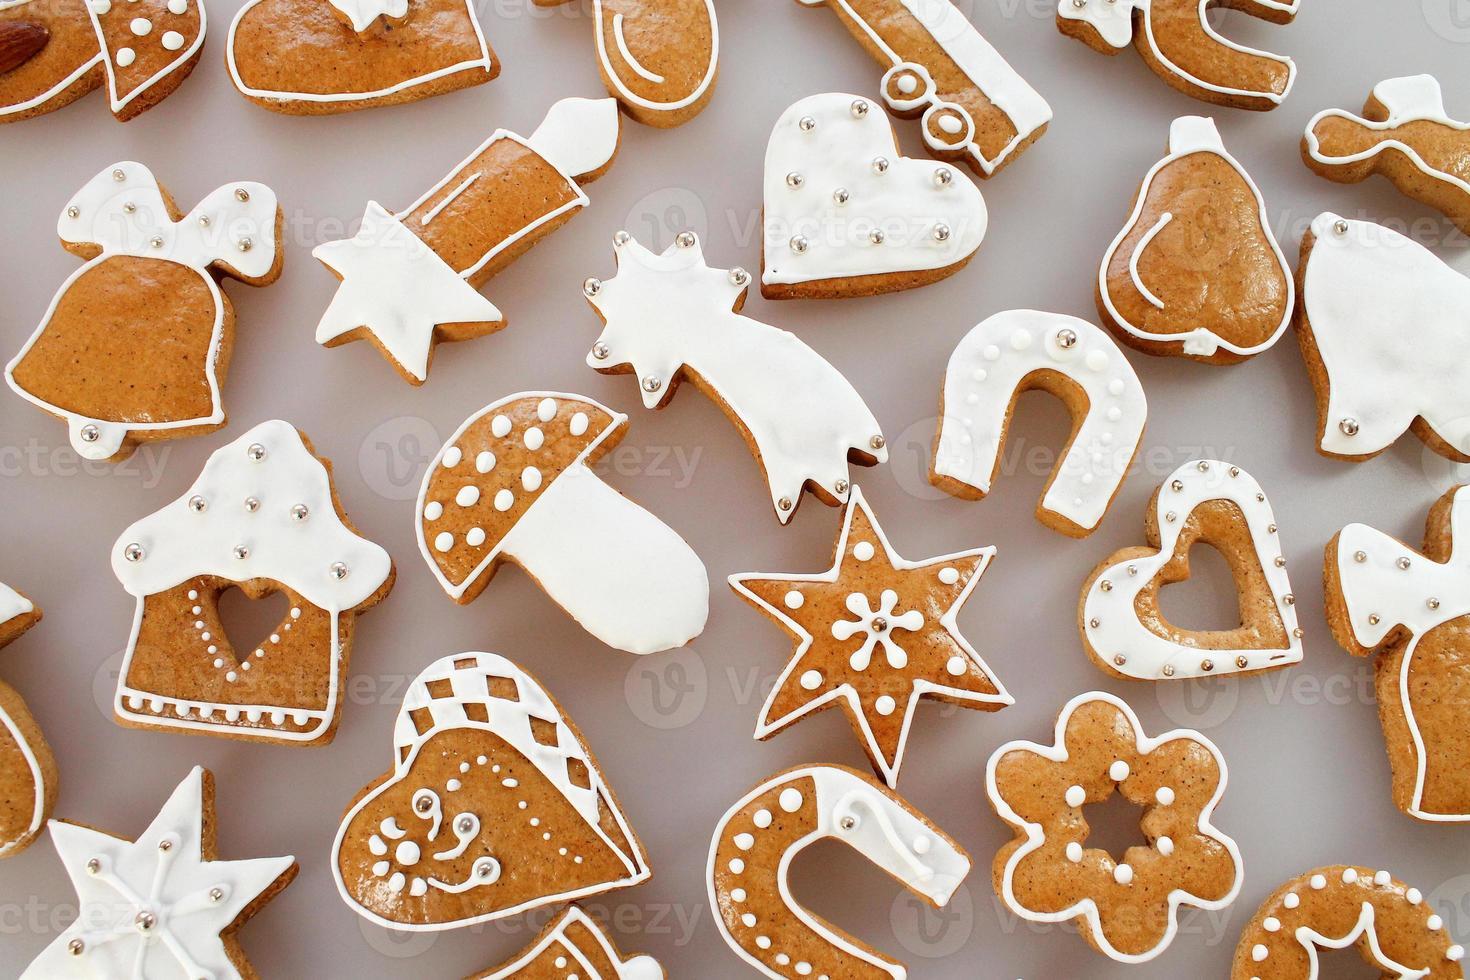 Weihnachtslebkuchenhintergrund foto